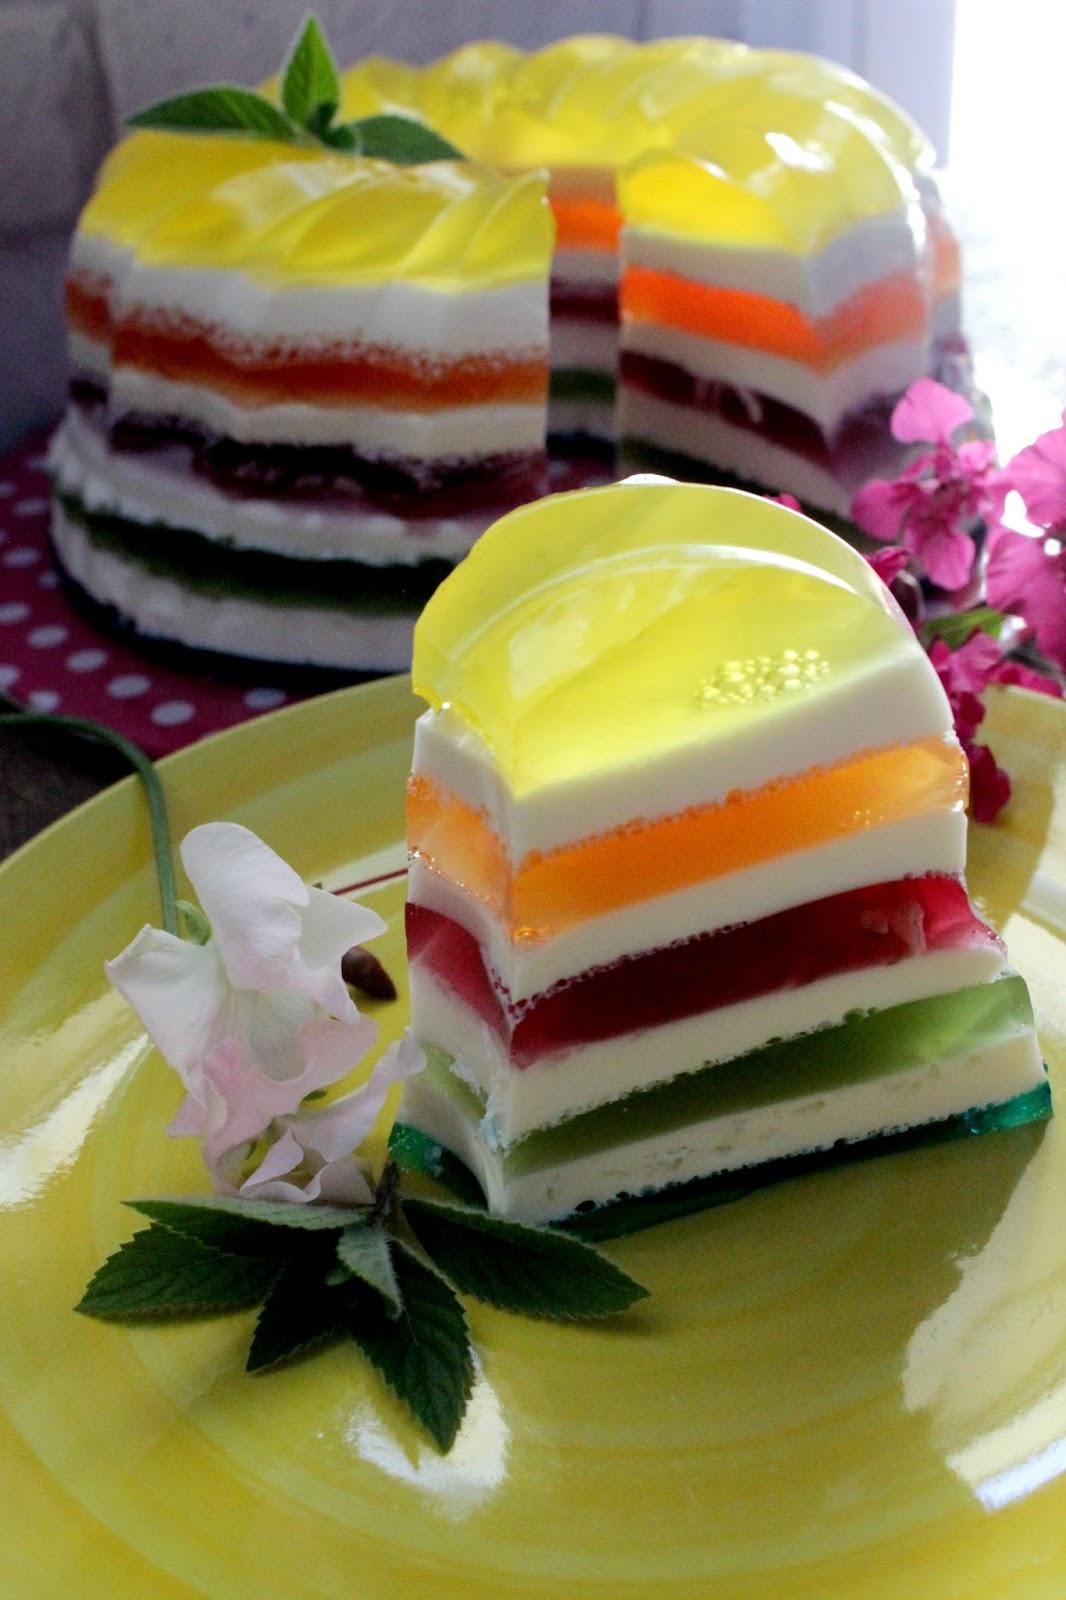 Galaretkowa Kolorowa Zebra Cakes By Kejt